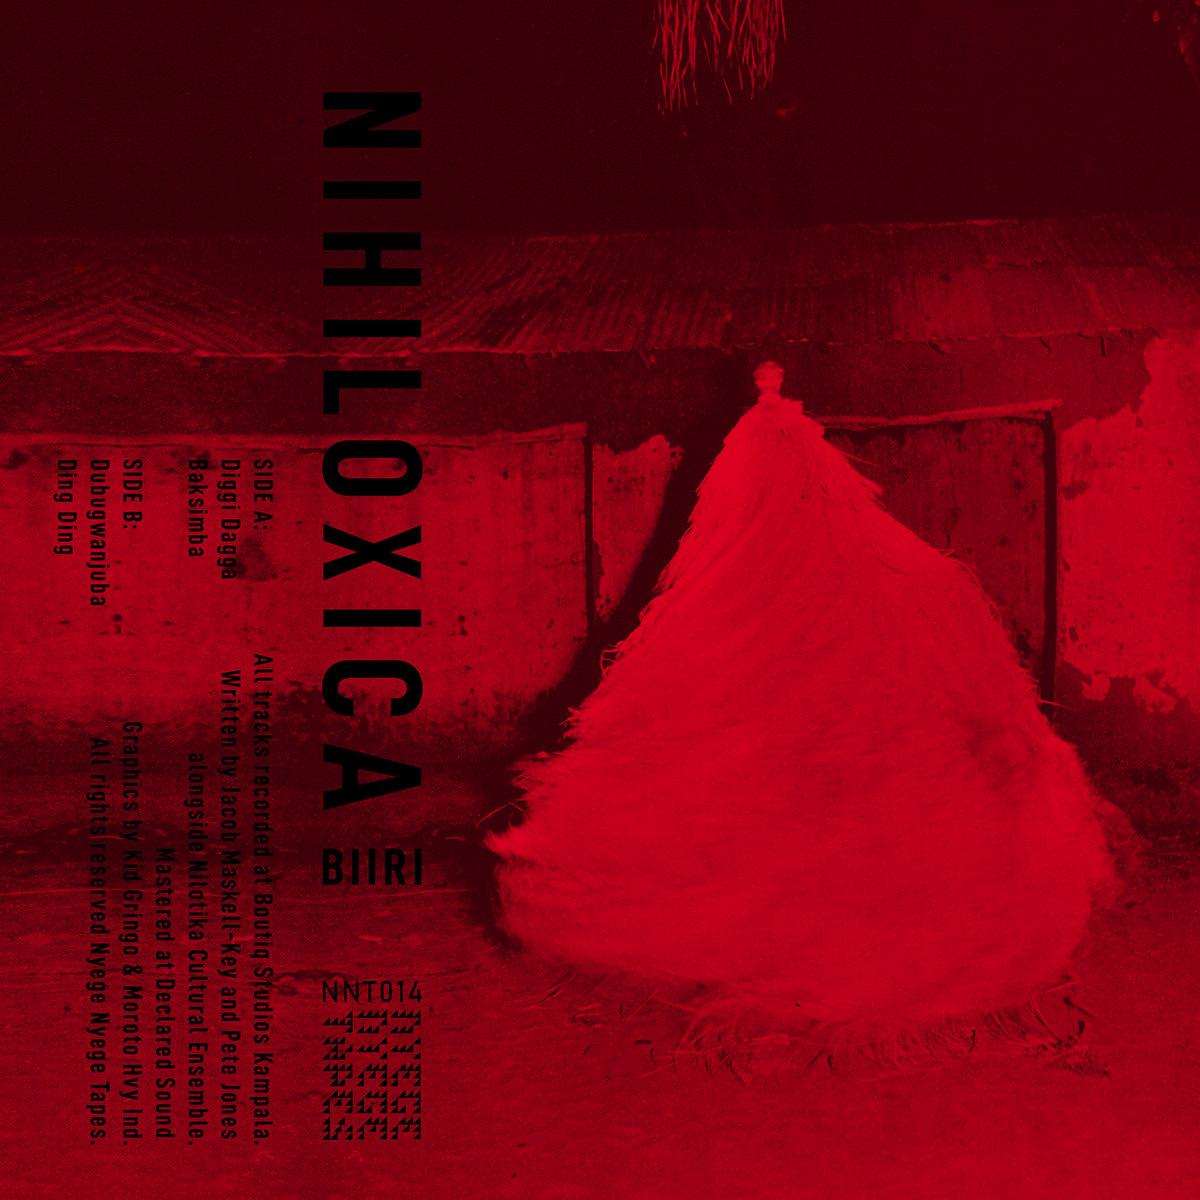 Nihiloxica — Biiri - Nyege Nyege Tapes, Feb. 2019